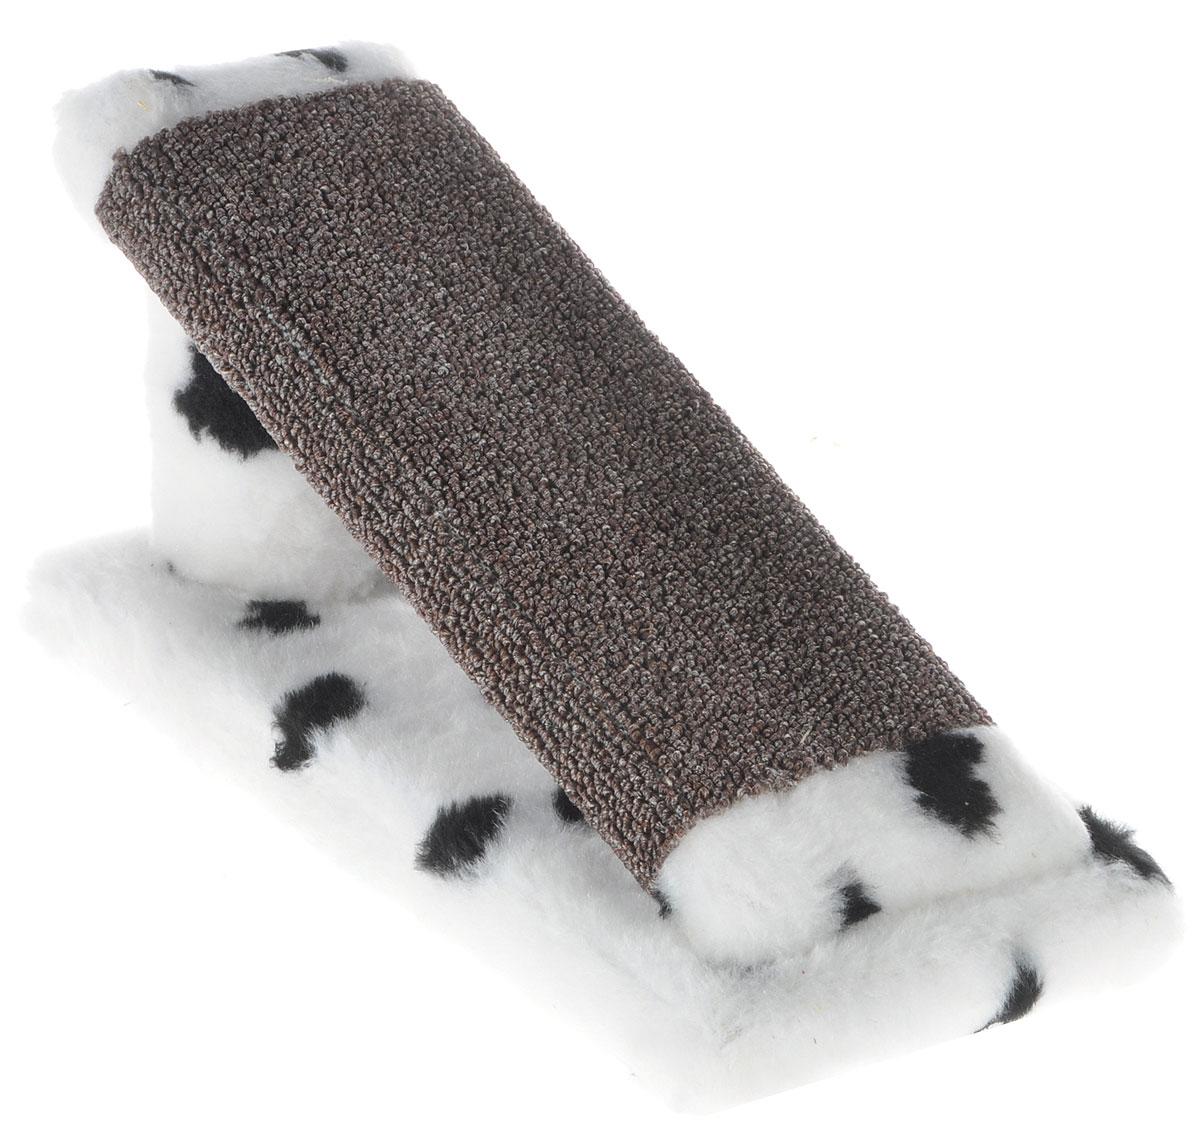 Когтеточка для котят Меридиан Горка, цвет: белый, черный, коричневый, 29 х 14 х 14 см101246Когтеточка Меридиан Горка предназначена для стачивания когтей вашего котенка и предотвращения их врастания. Она выполнена из ДВП, ДСП и искусственного меха. Точатся когти о накладку из ковролина. Когтеточка позволяет сохранить неповрежденными мебель и другие предметы интерьера.